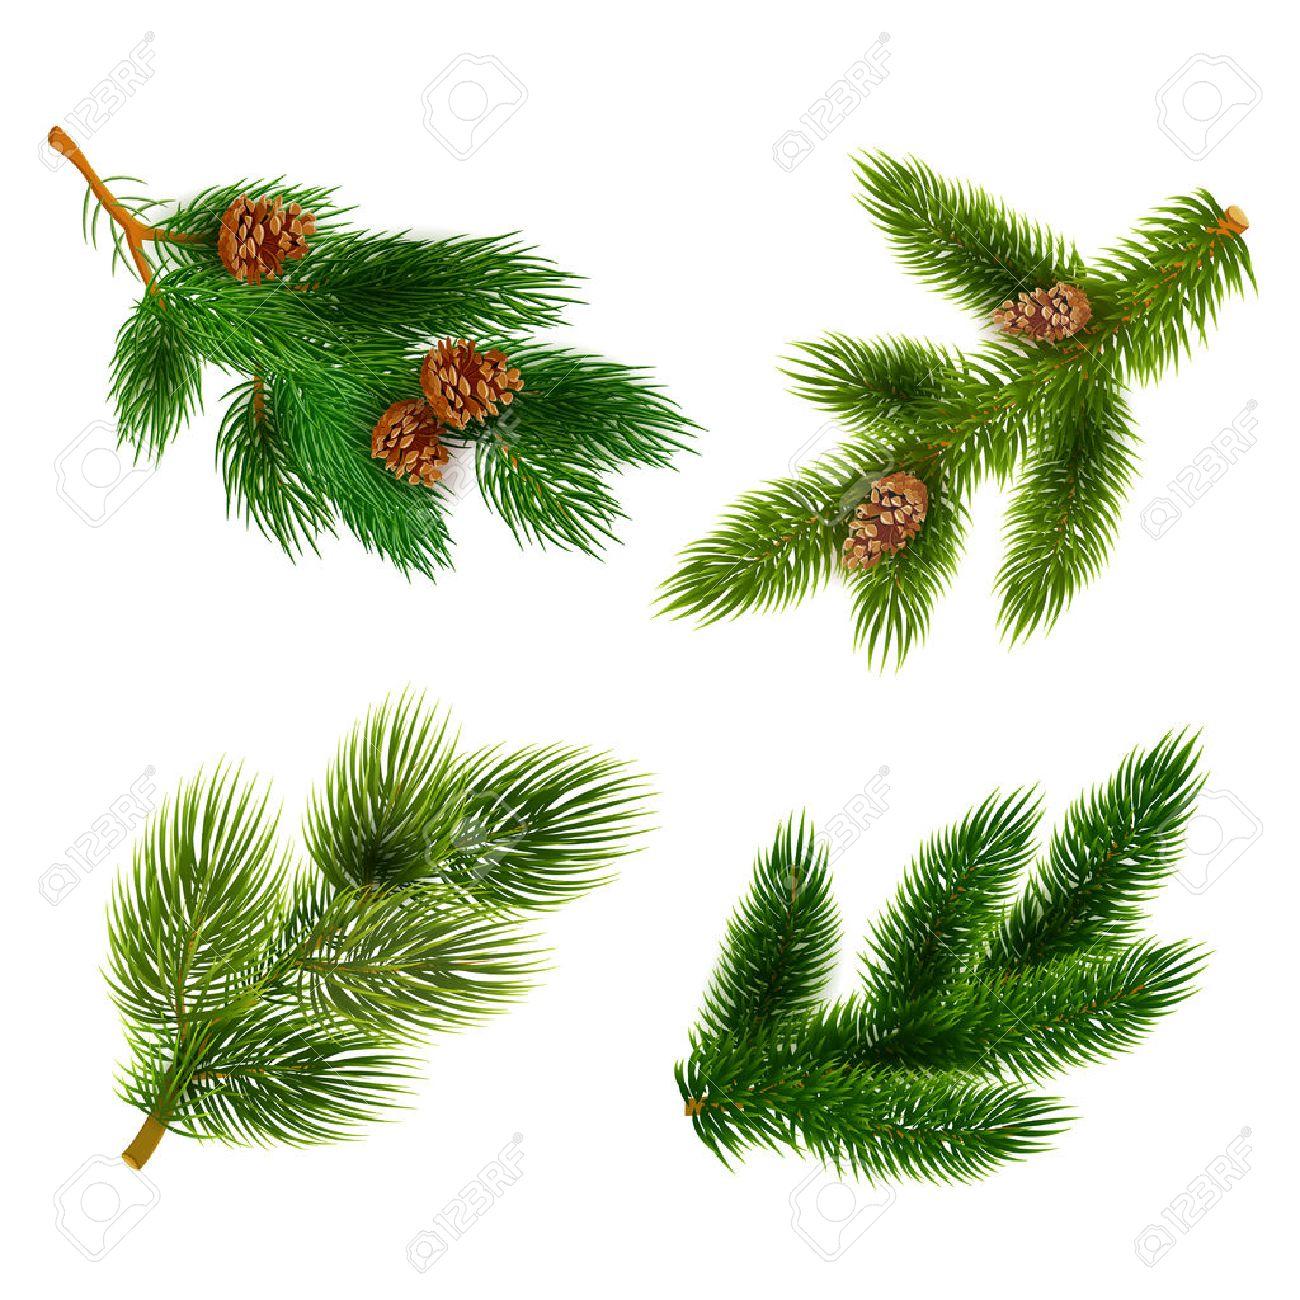 Fullsize Of Pine Tree Branch